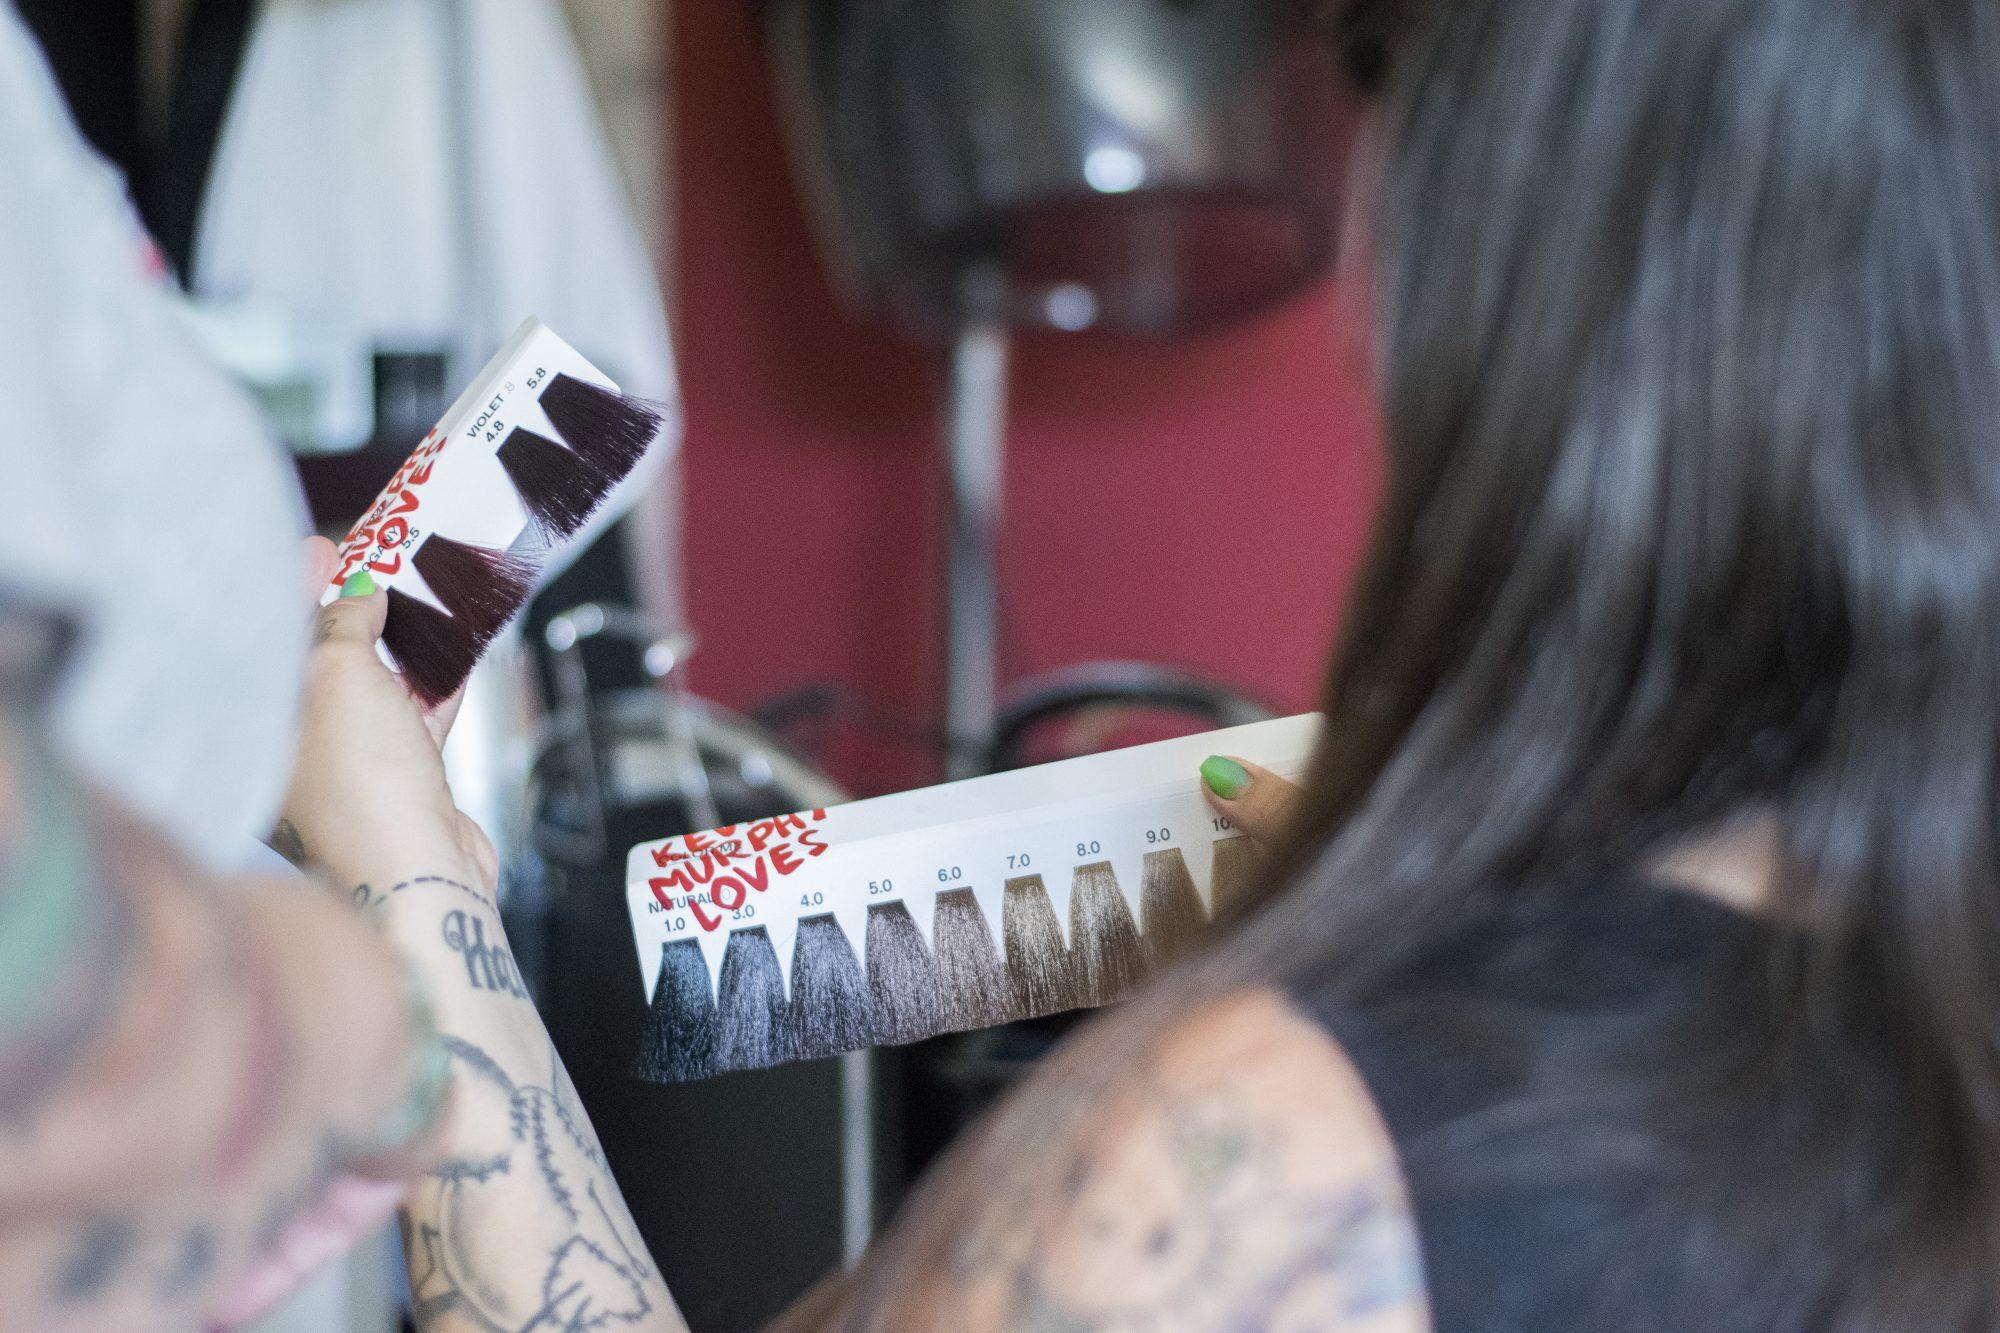 Kundin sucht sich neue Haarfarbe aus